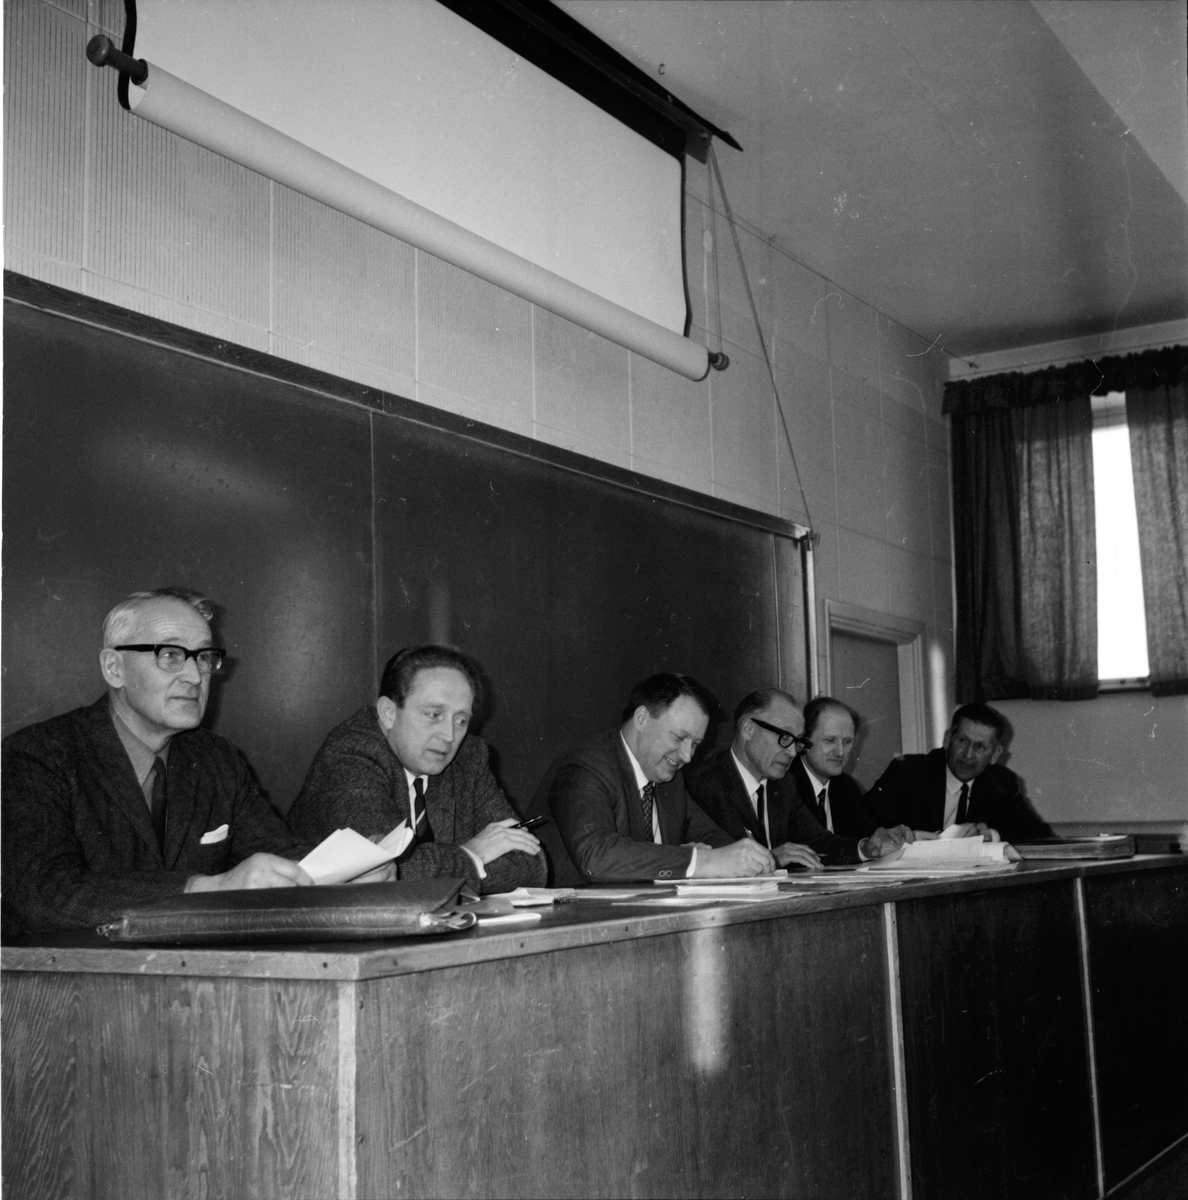 Arbrå, Diskussion om jordbruksorg. på Nytorp, Jan 1970